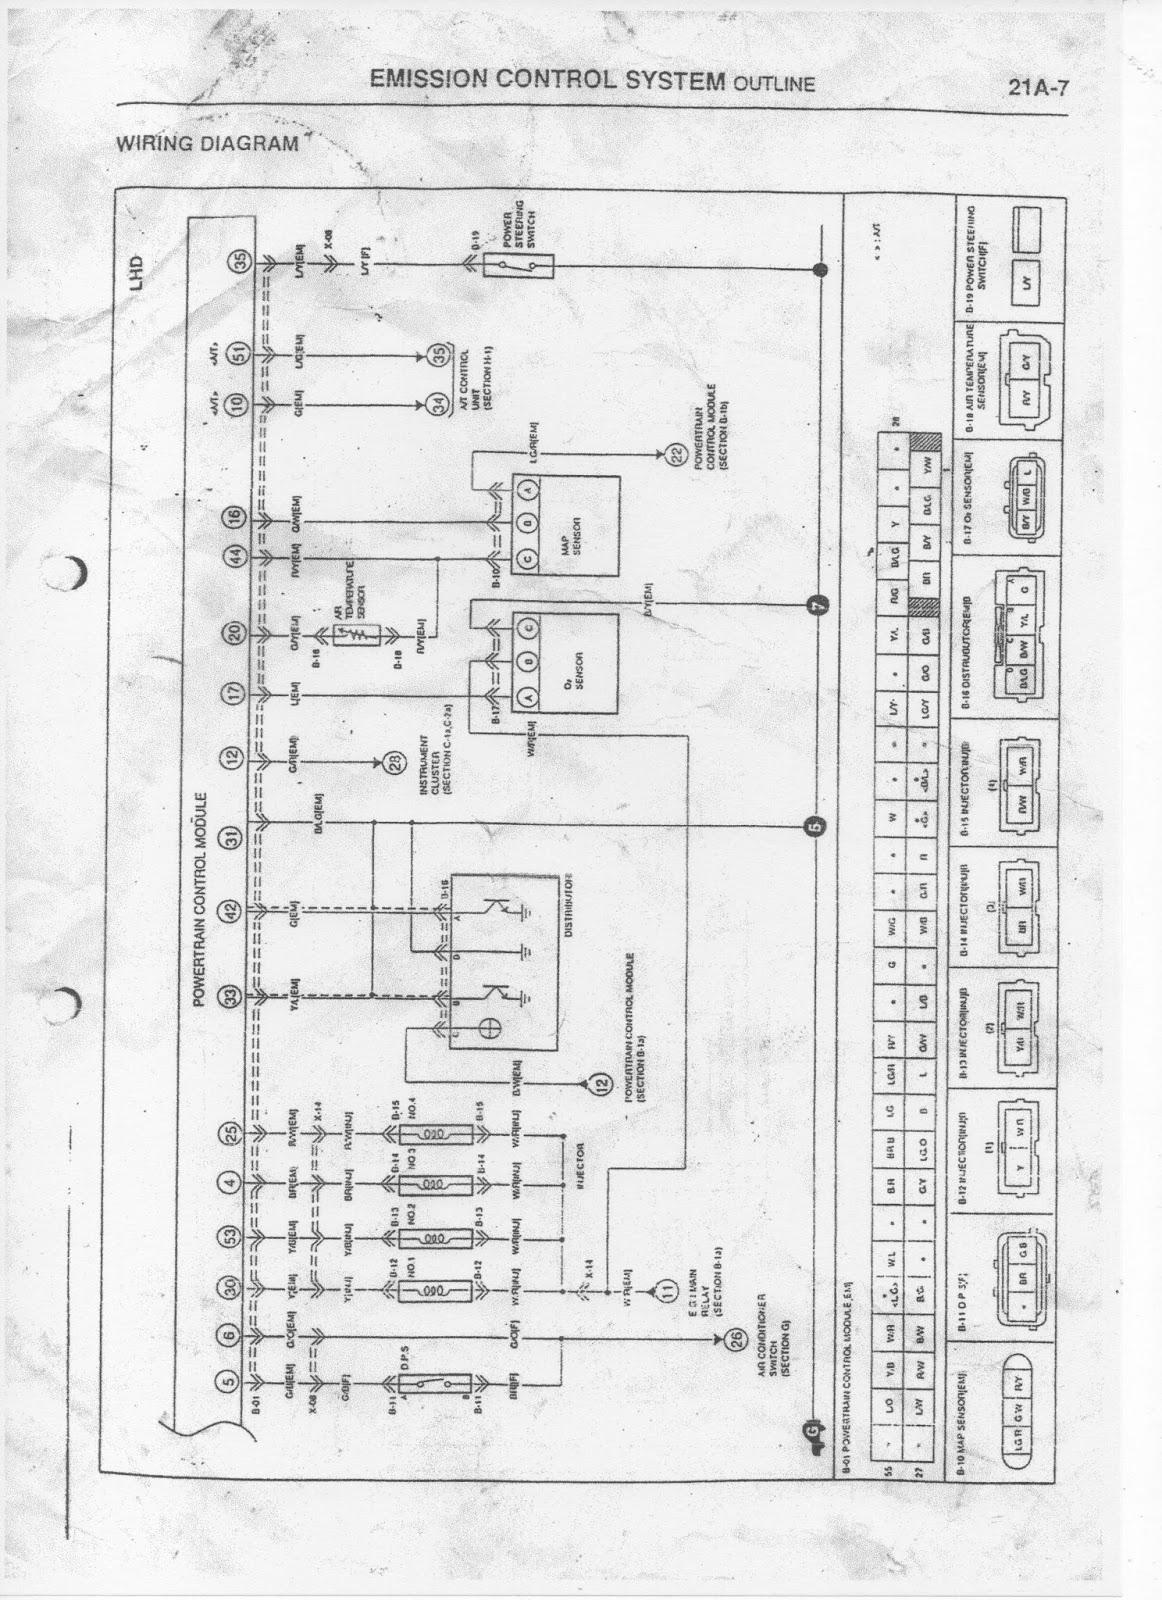 wiring diagram kia sephia [ 1162 x 1600 Pixel ]